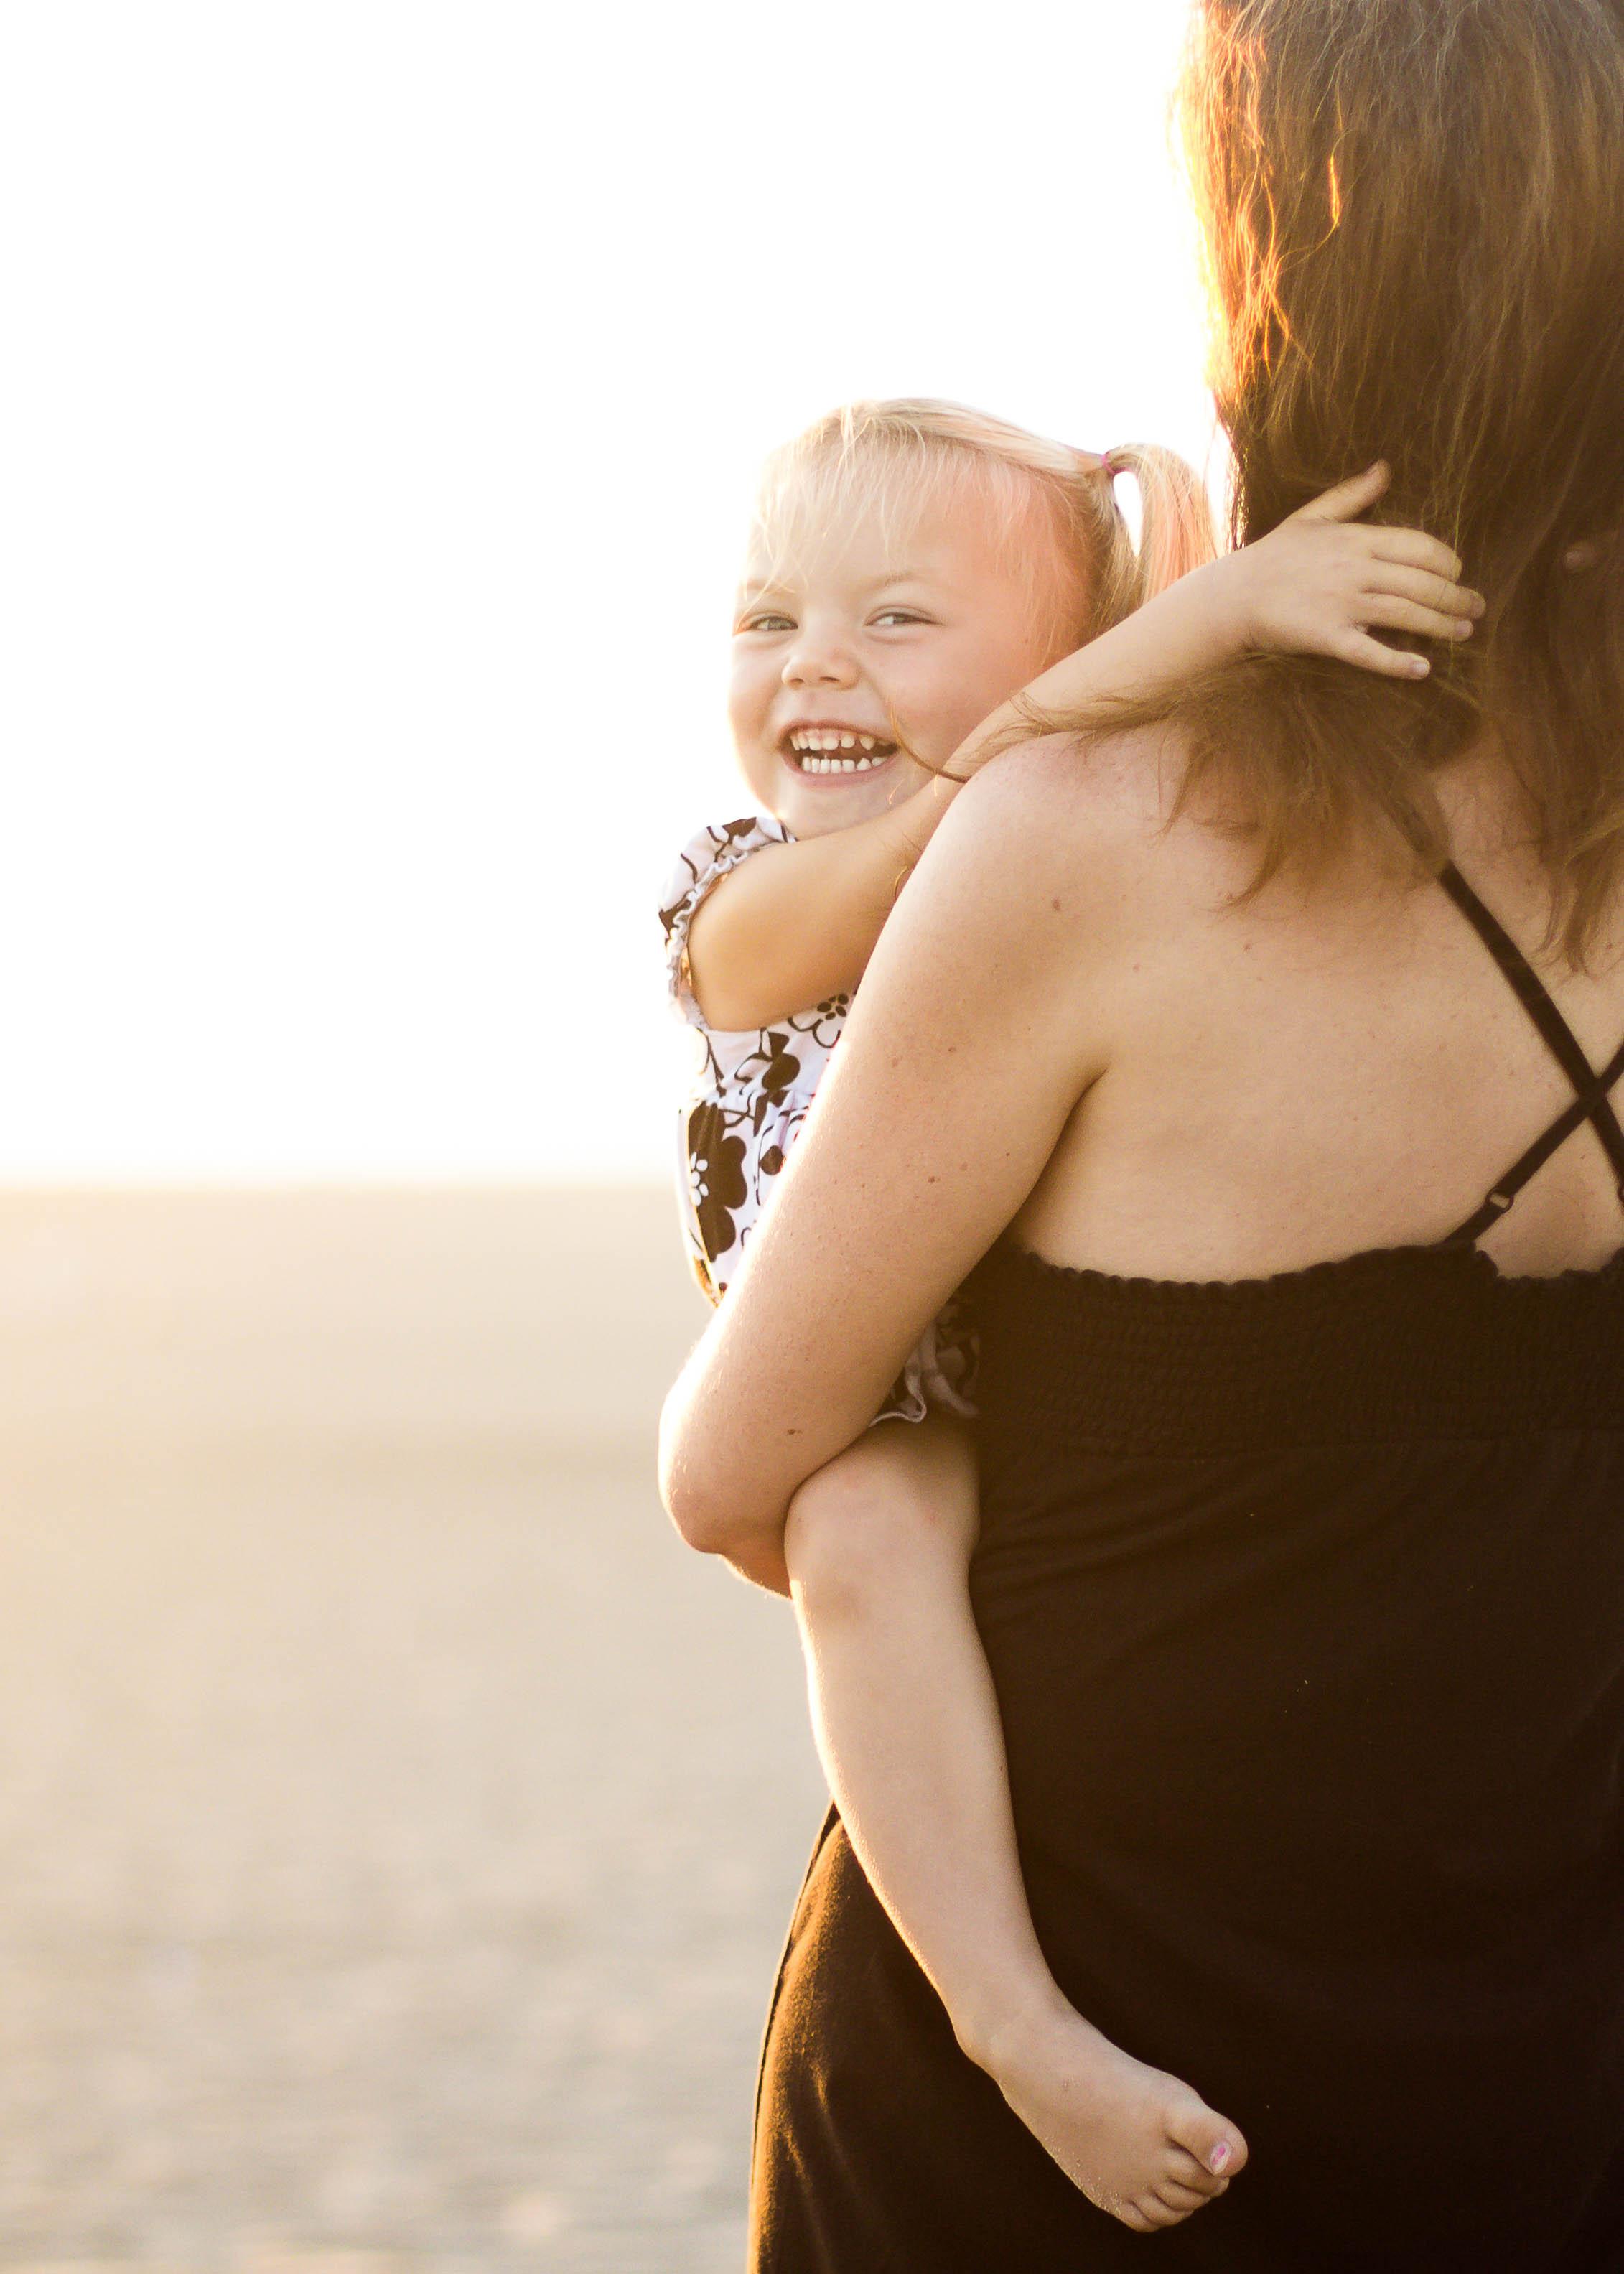 family_beach (1 of 3).jpg